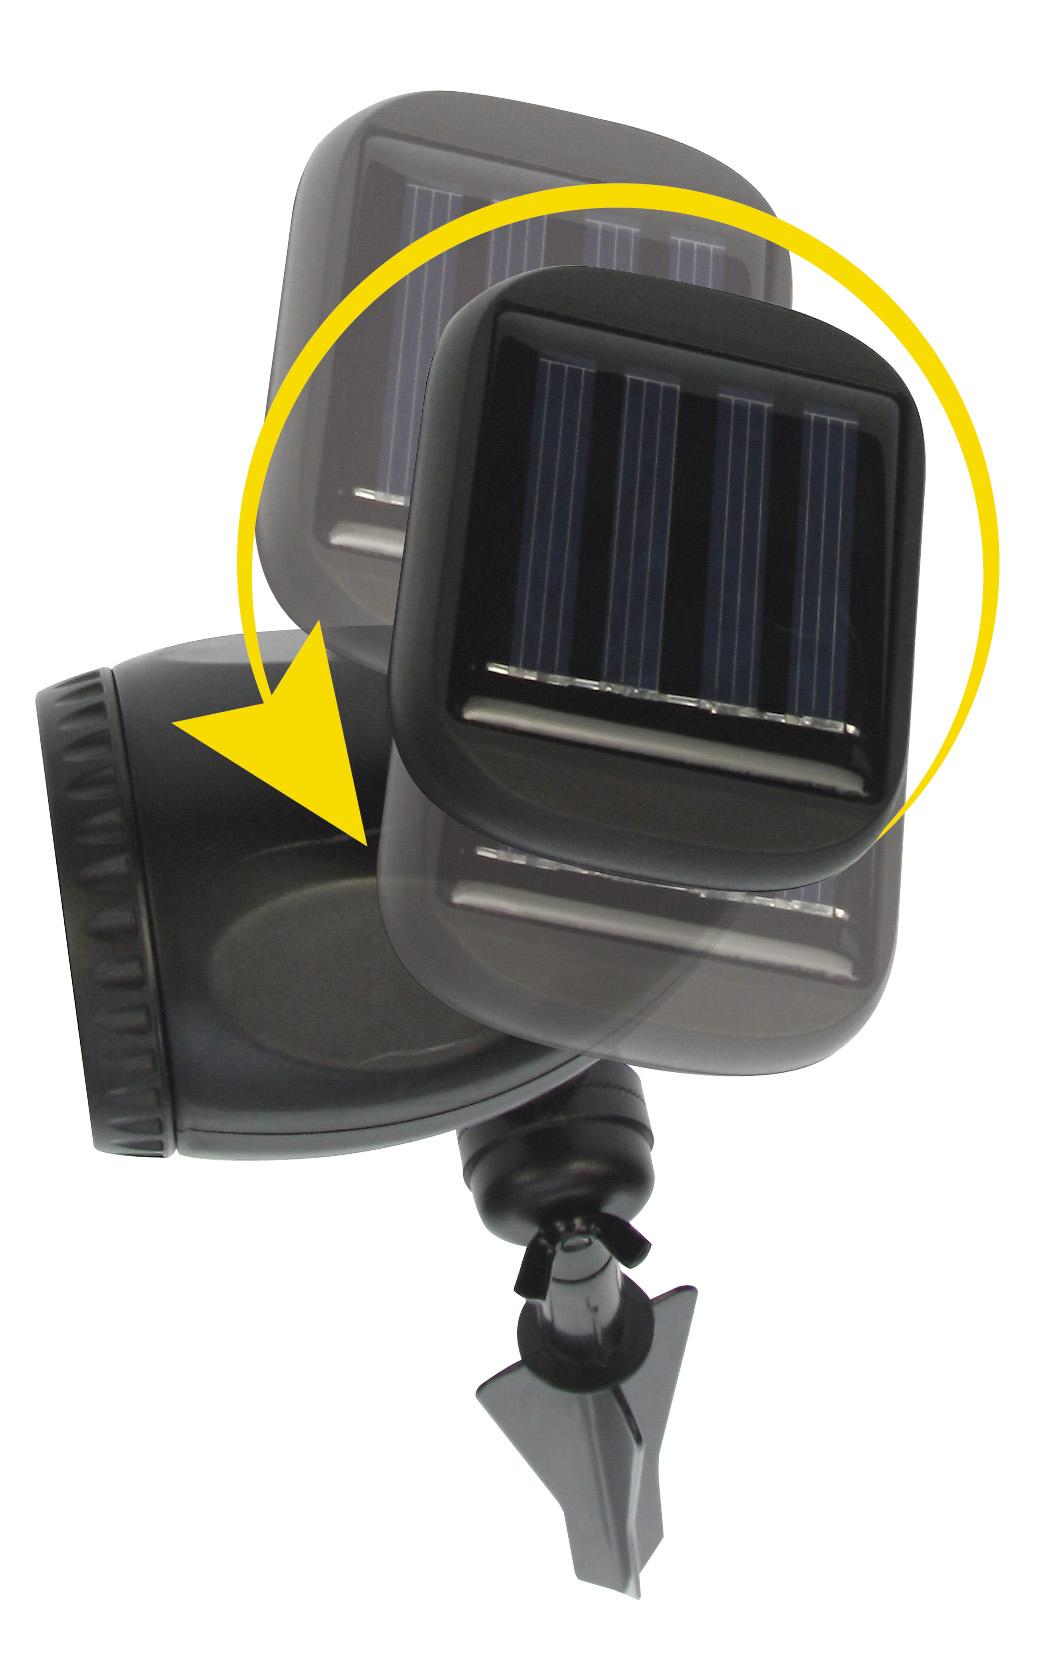 Spot solaire de jardin luis spot eclairage solaire - Spot de jardin solaire ...